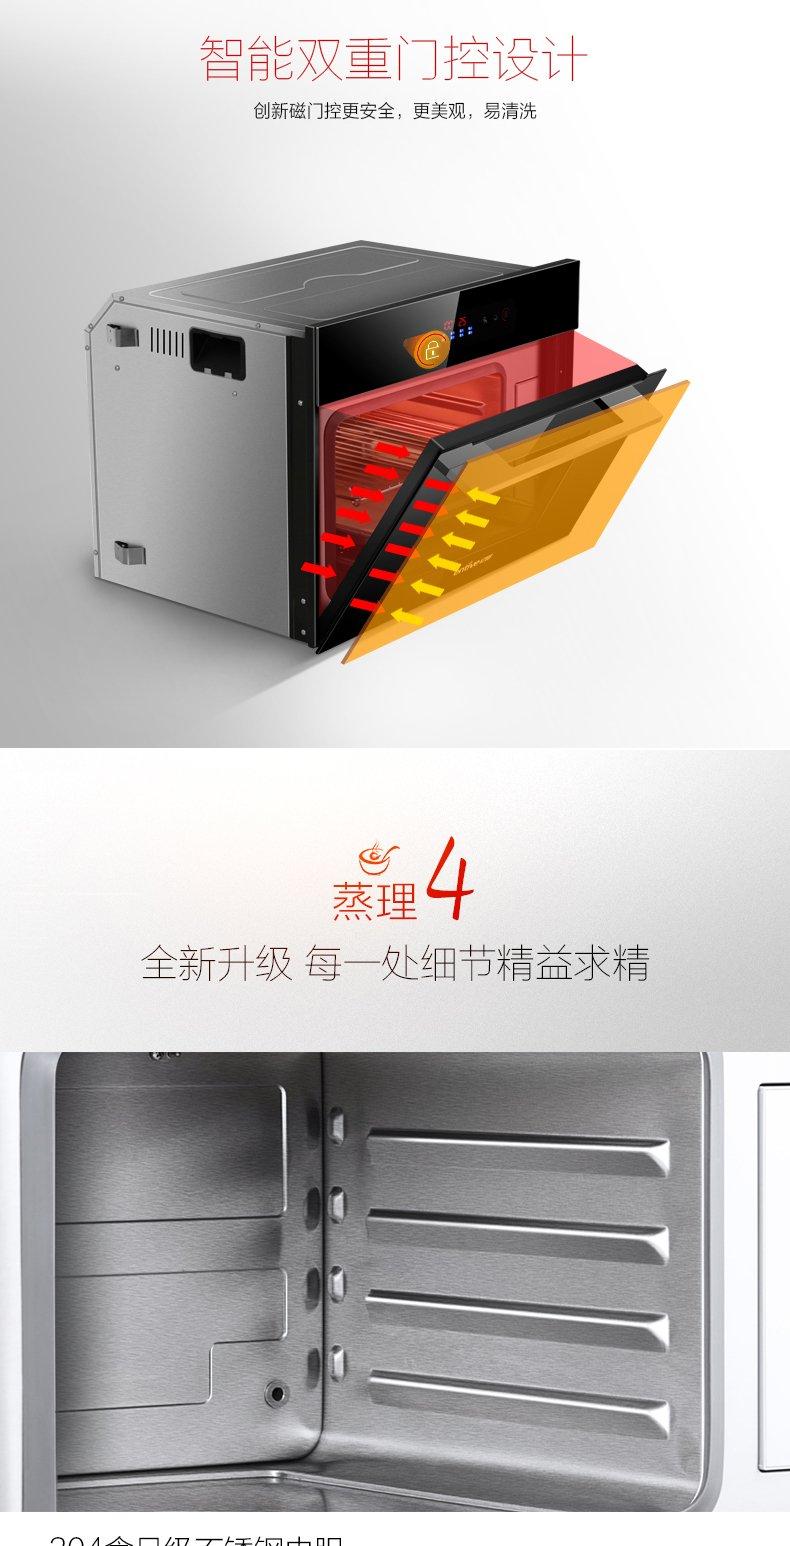 亿田集成灶图片  电蒸箱内嵌式蒸箱家用嵌入式蒸汽炉一体机装修效果图_8